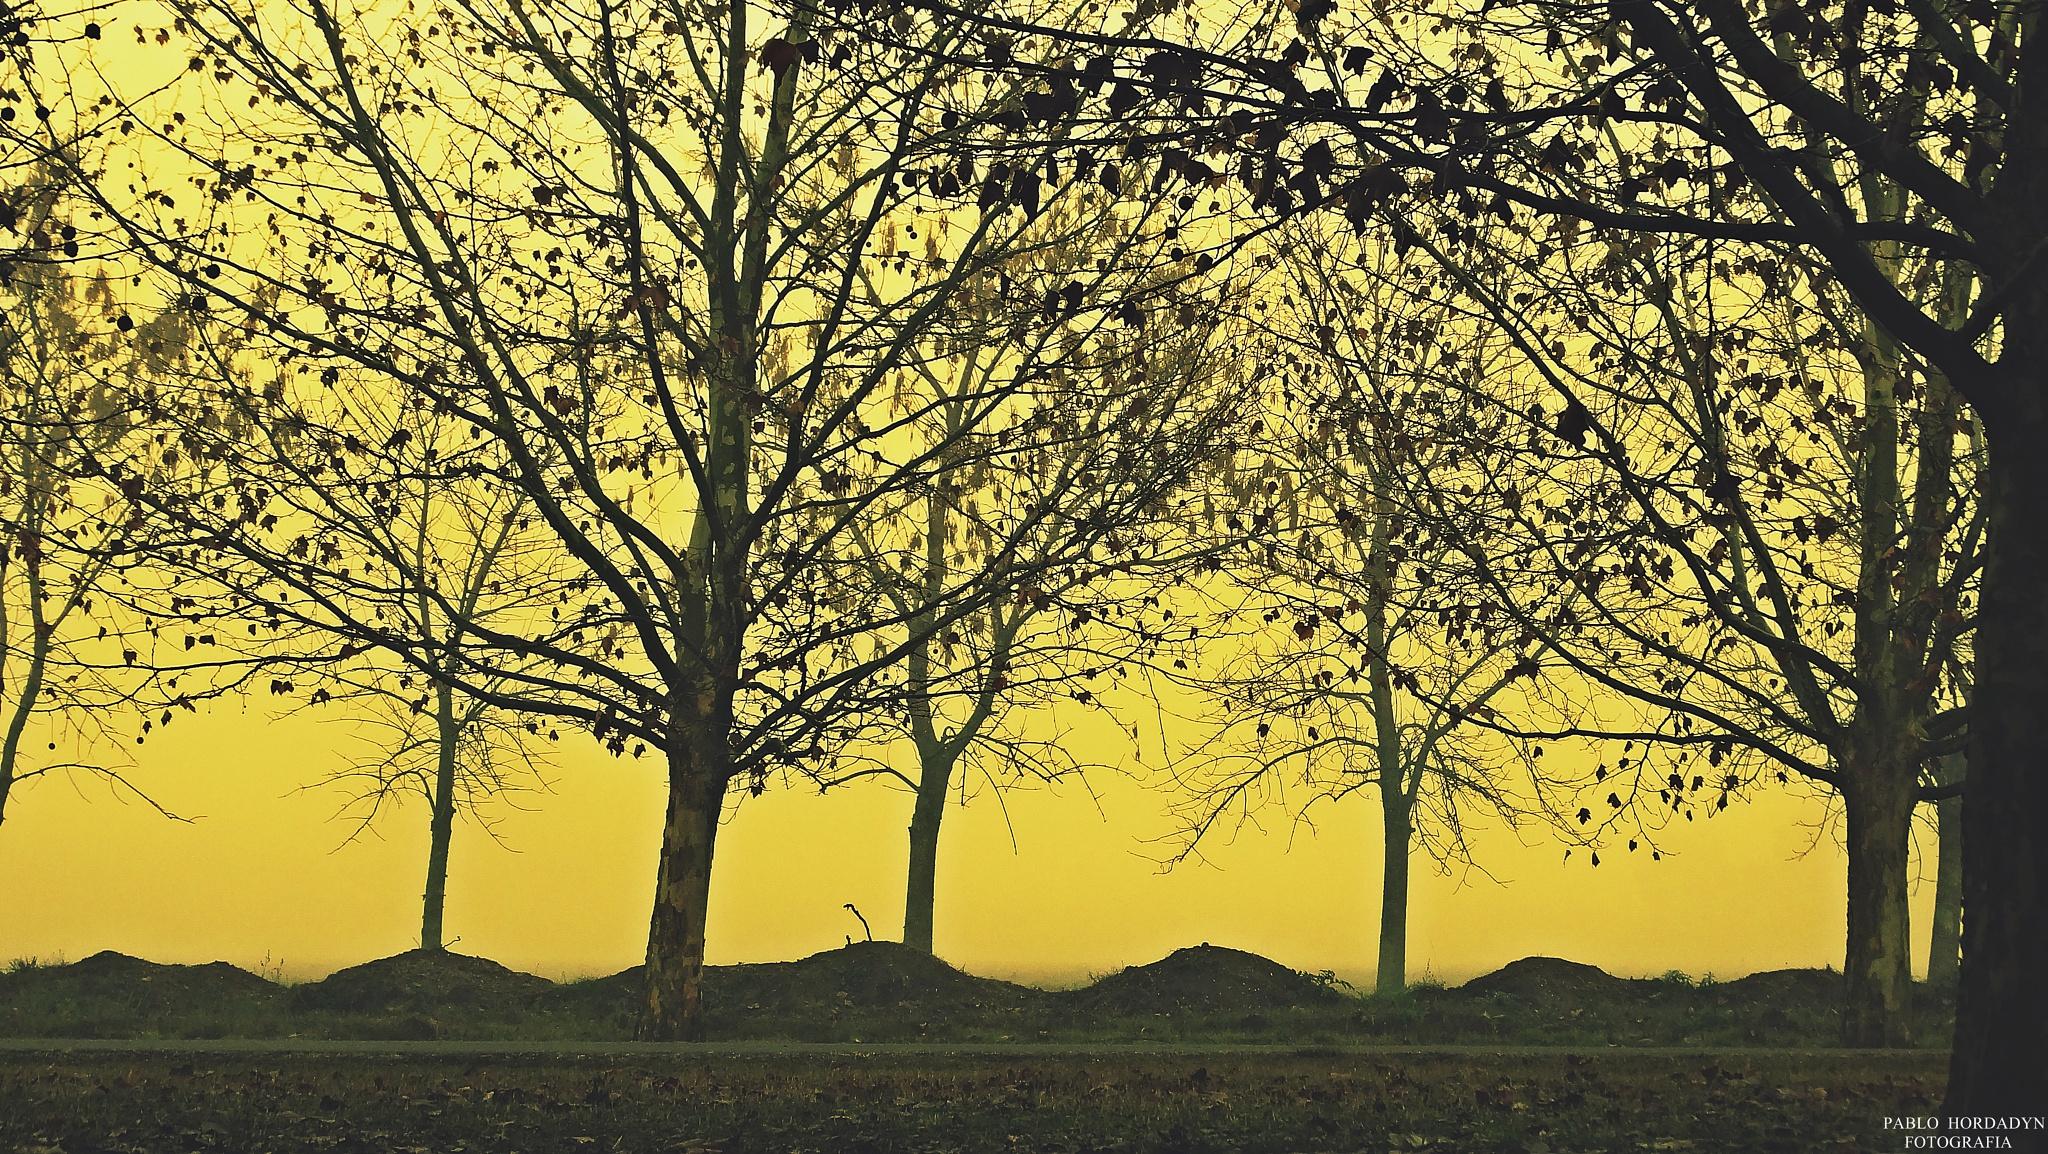 Untitled by Pablo Hordadyn